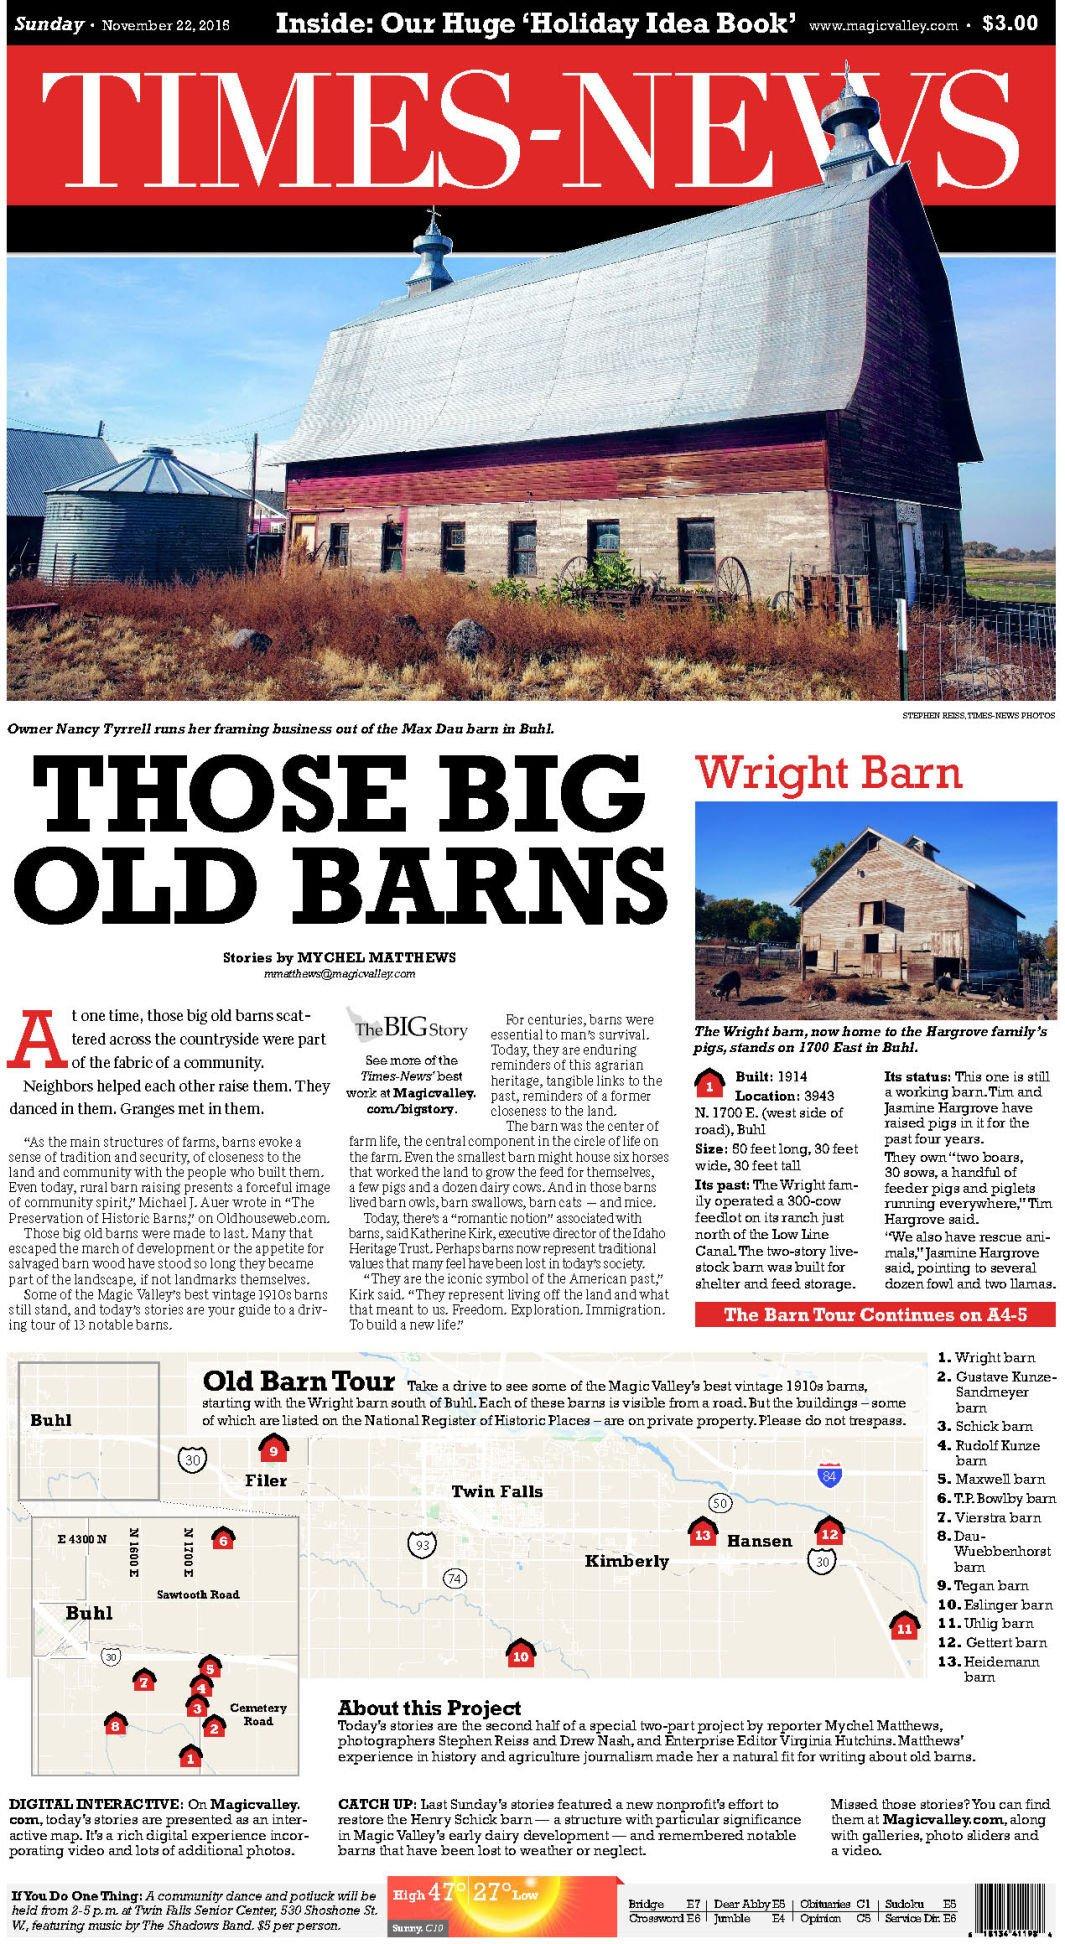 Those Big Old Barns